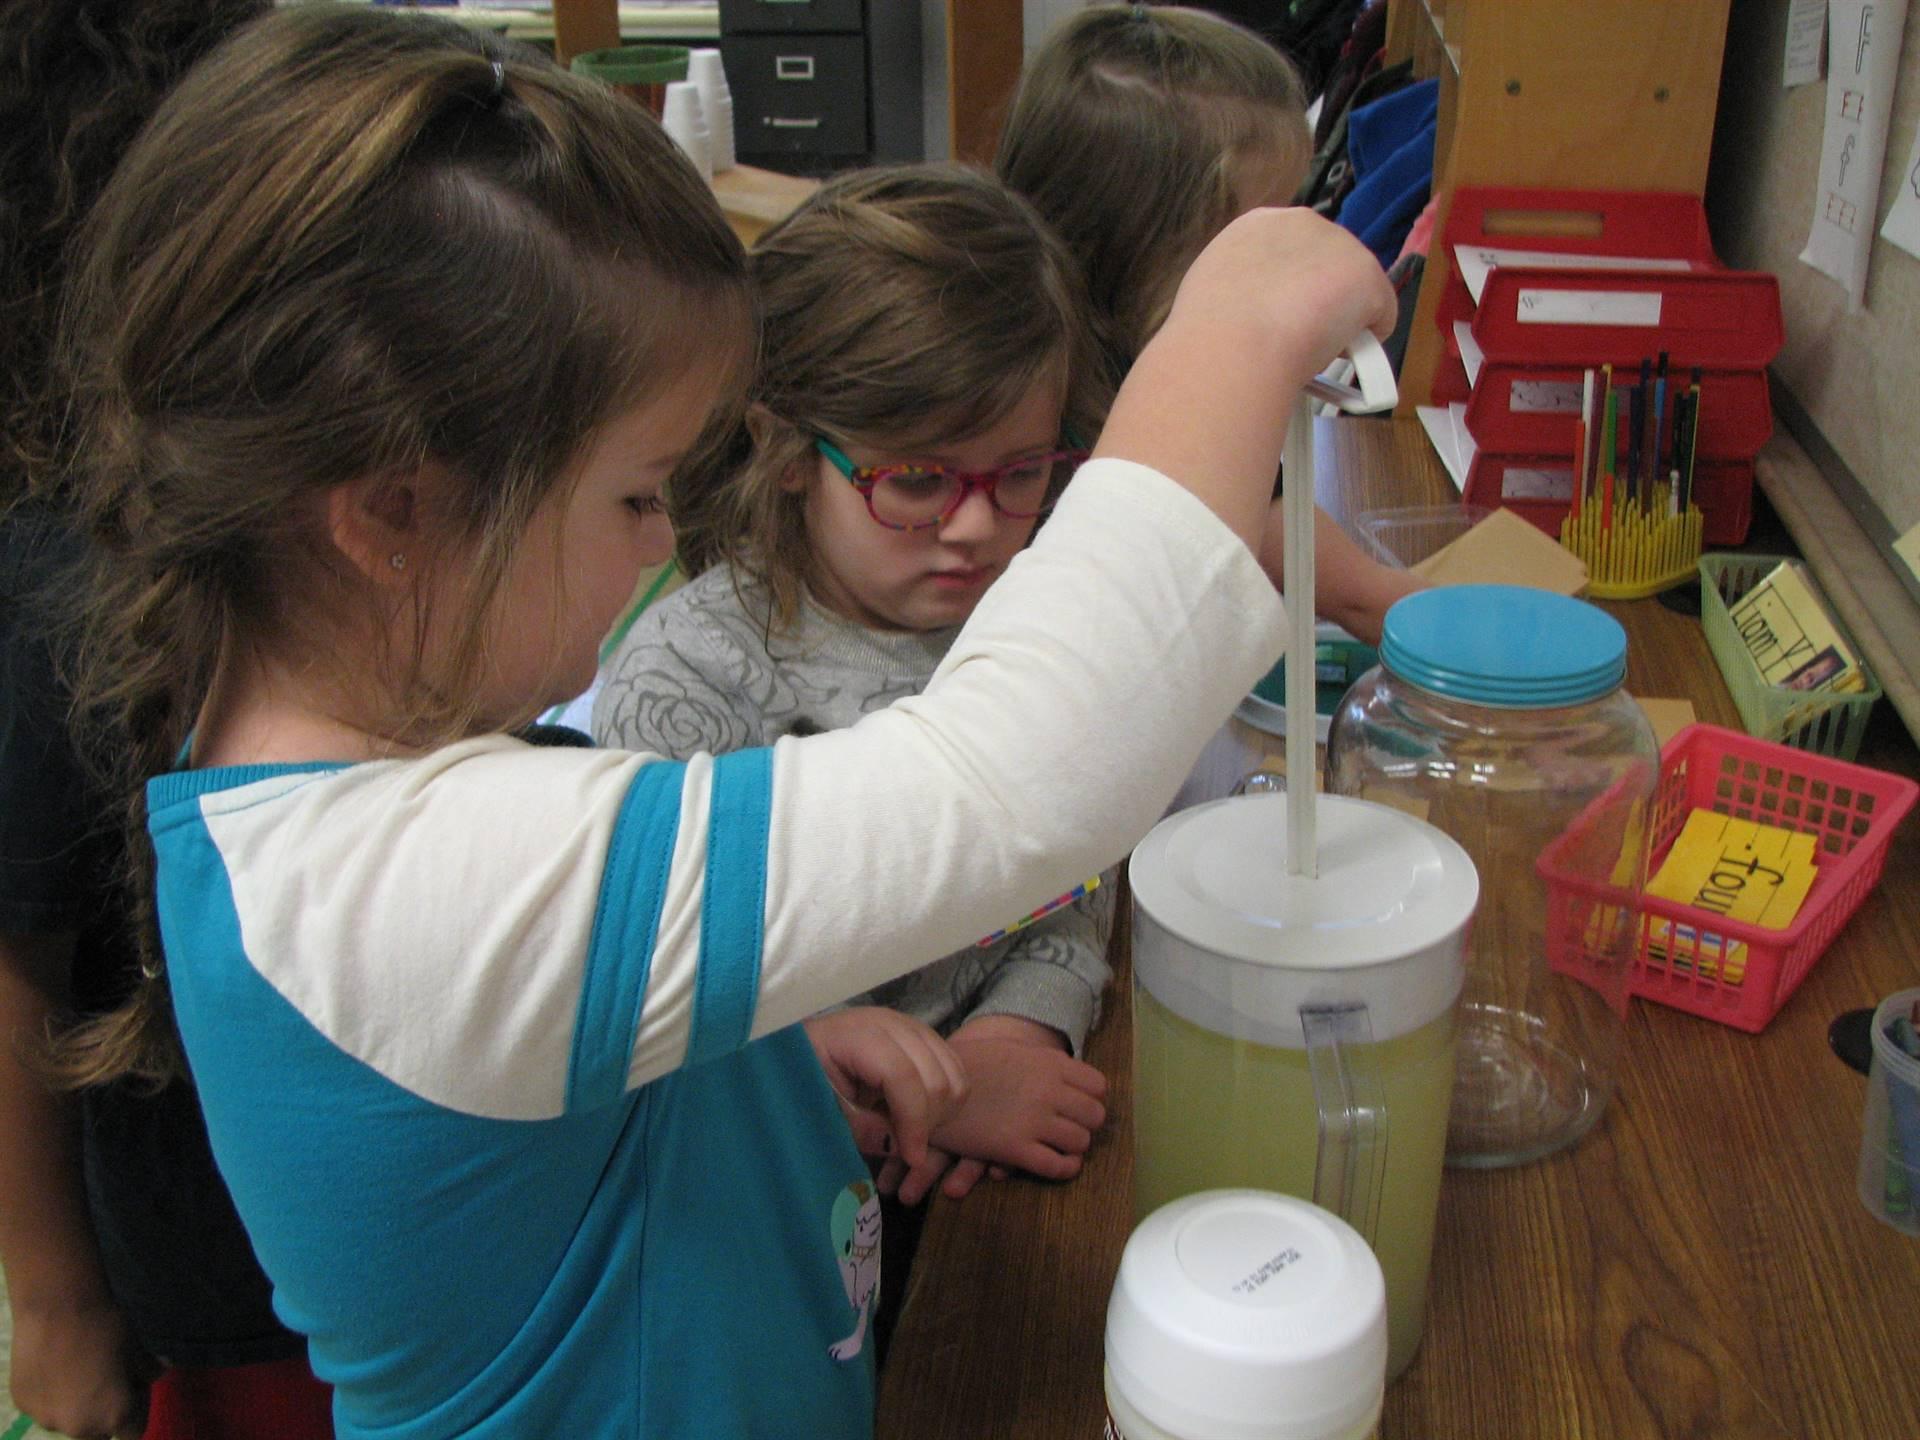 Preschoolers enjoy their lemonade stand